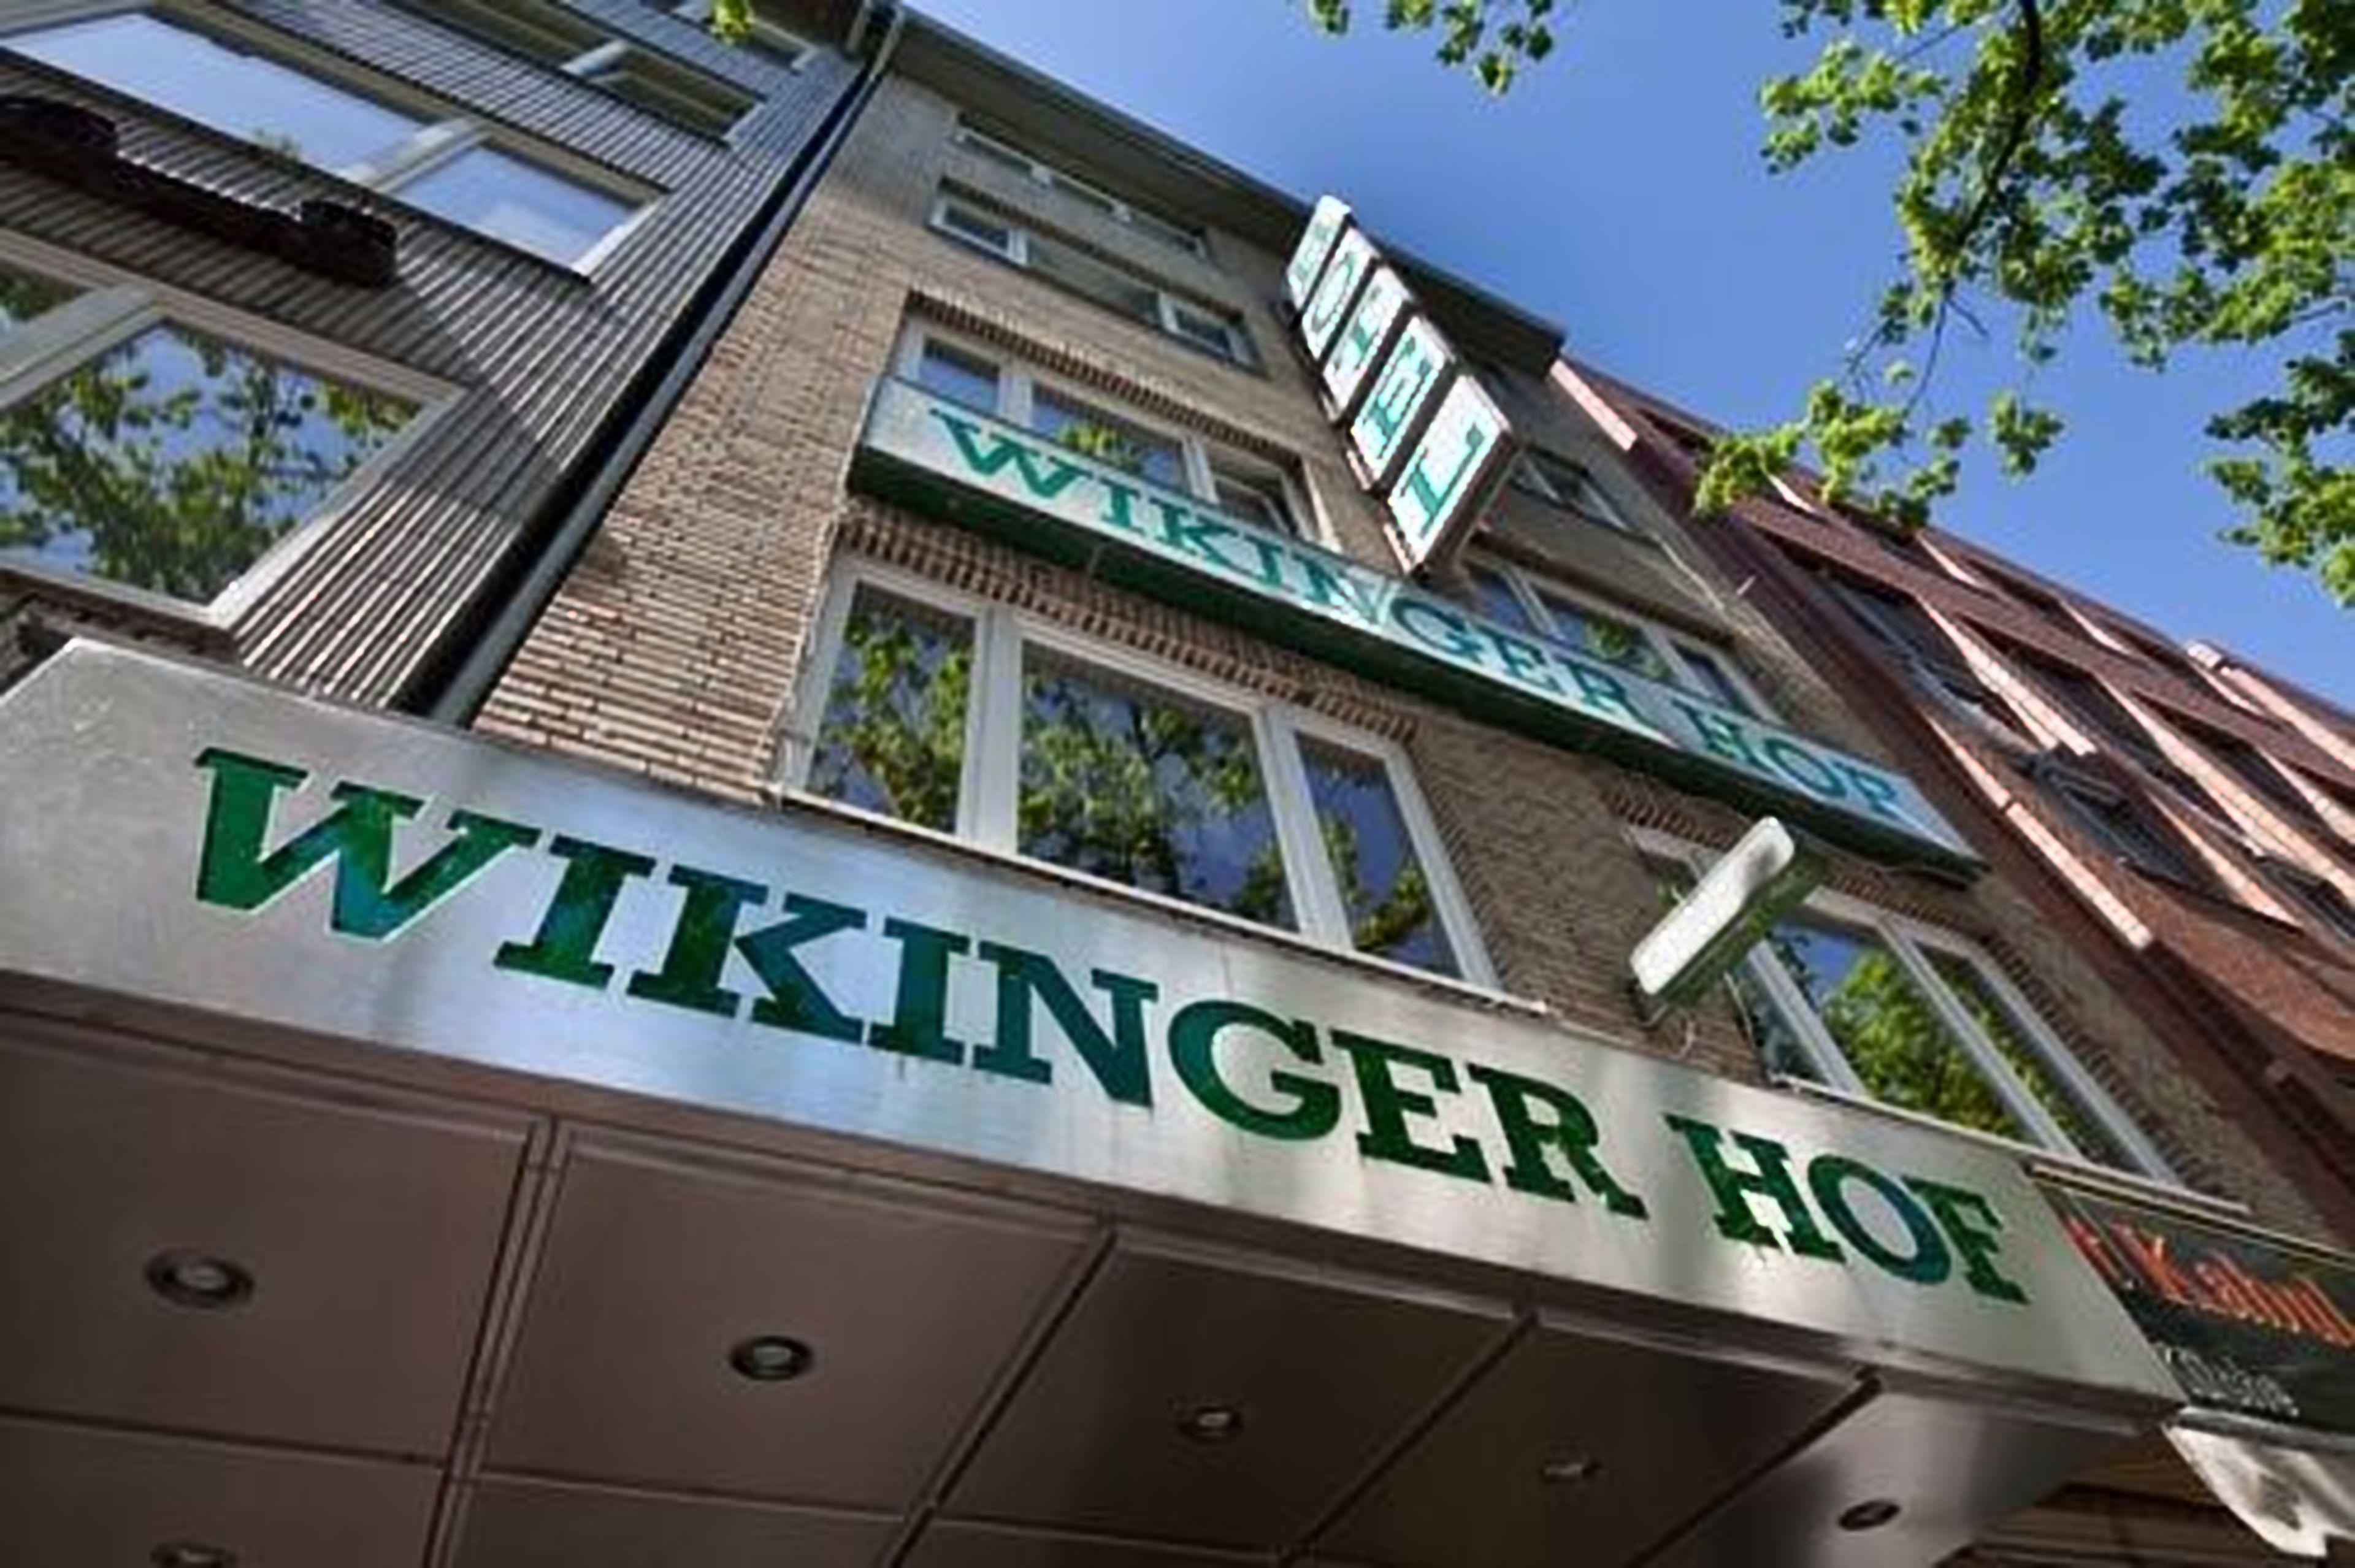 Wikinger Hof Hamburg